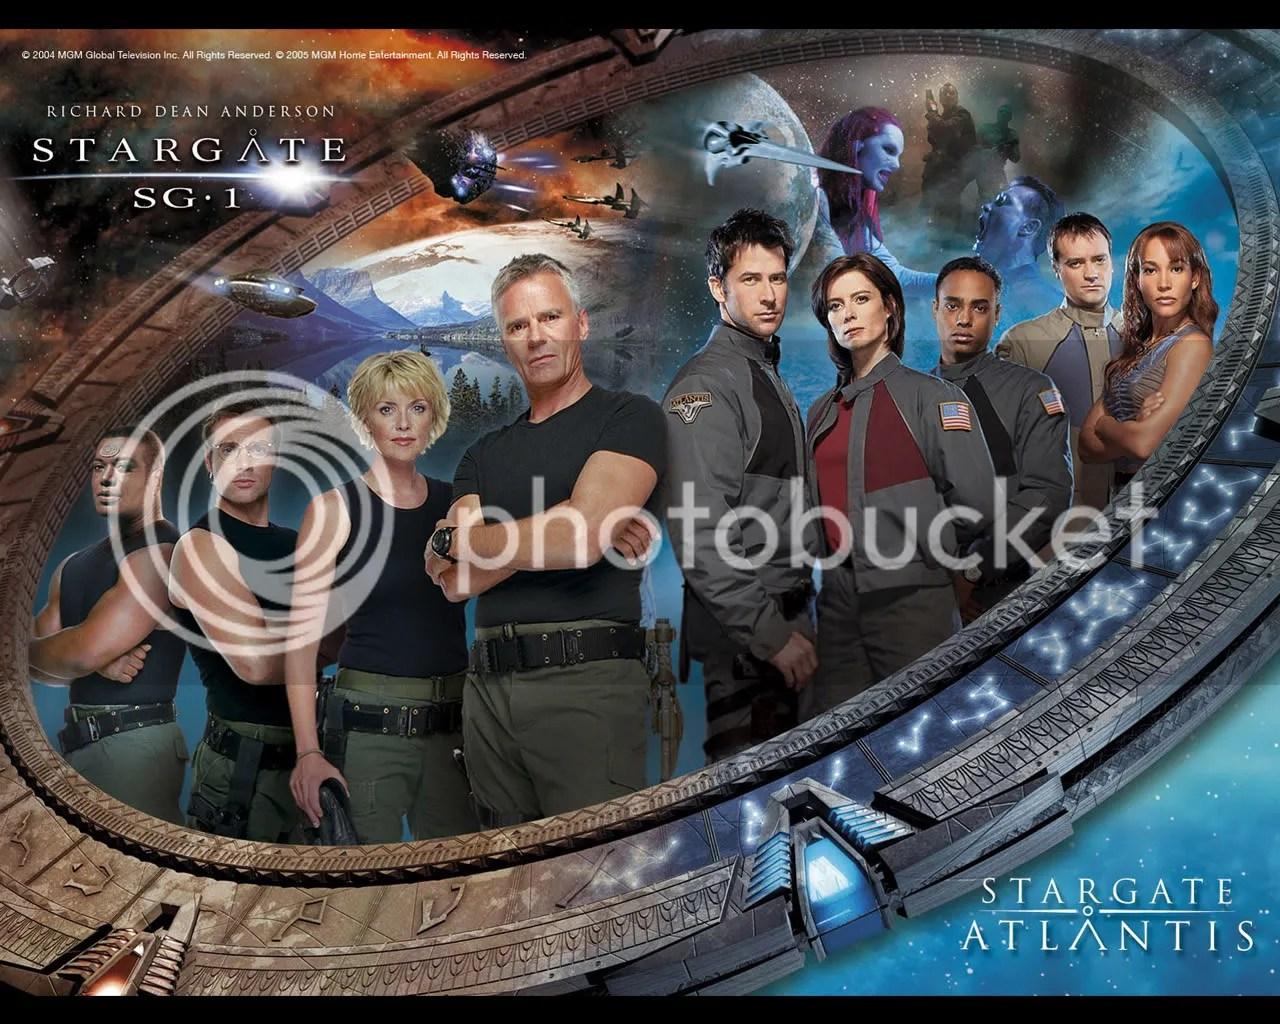 Stargate SG1 Atlantis